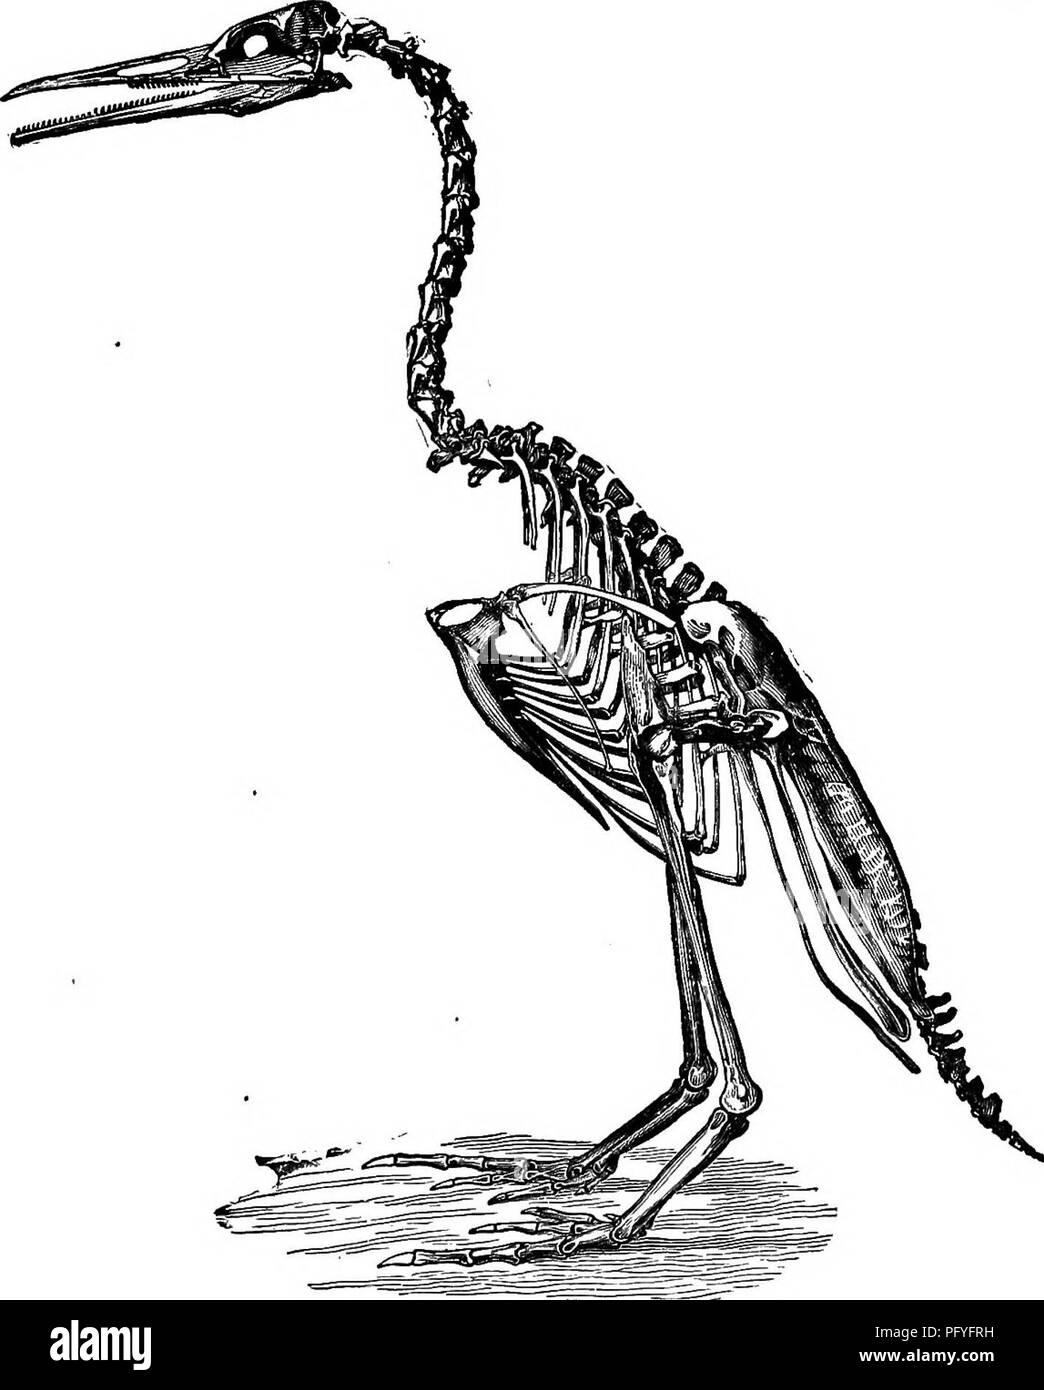 . Chiave per uccelli del Nord America. Contenente un conciso conto di ogni specie di vita e di uccelli fossili attualmente conosciuti dal continente nord del Messico e degli Stati Uniti, di confine inclusive della Groenlandia e la Bassa California, con il quale sono incorporati generali di ornitologia: un contorno della struttura e la classificazione degli uccelli; e campo ornitologia, un manuale di raccolta, preparazione e conservazione degli uccelli. Gli uccelli; uccelli. Definizione di BIEBS. 63 -i fossili sono così chiamati perché suppone per indicare la presenza di uccelli dai loro piedi-stampe, sono state scoperte circa l'anno 1835 nei Tria Foto Stock